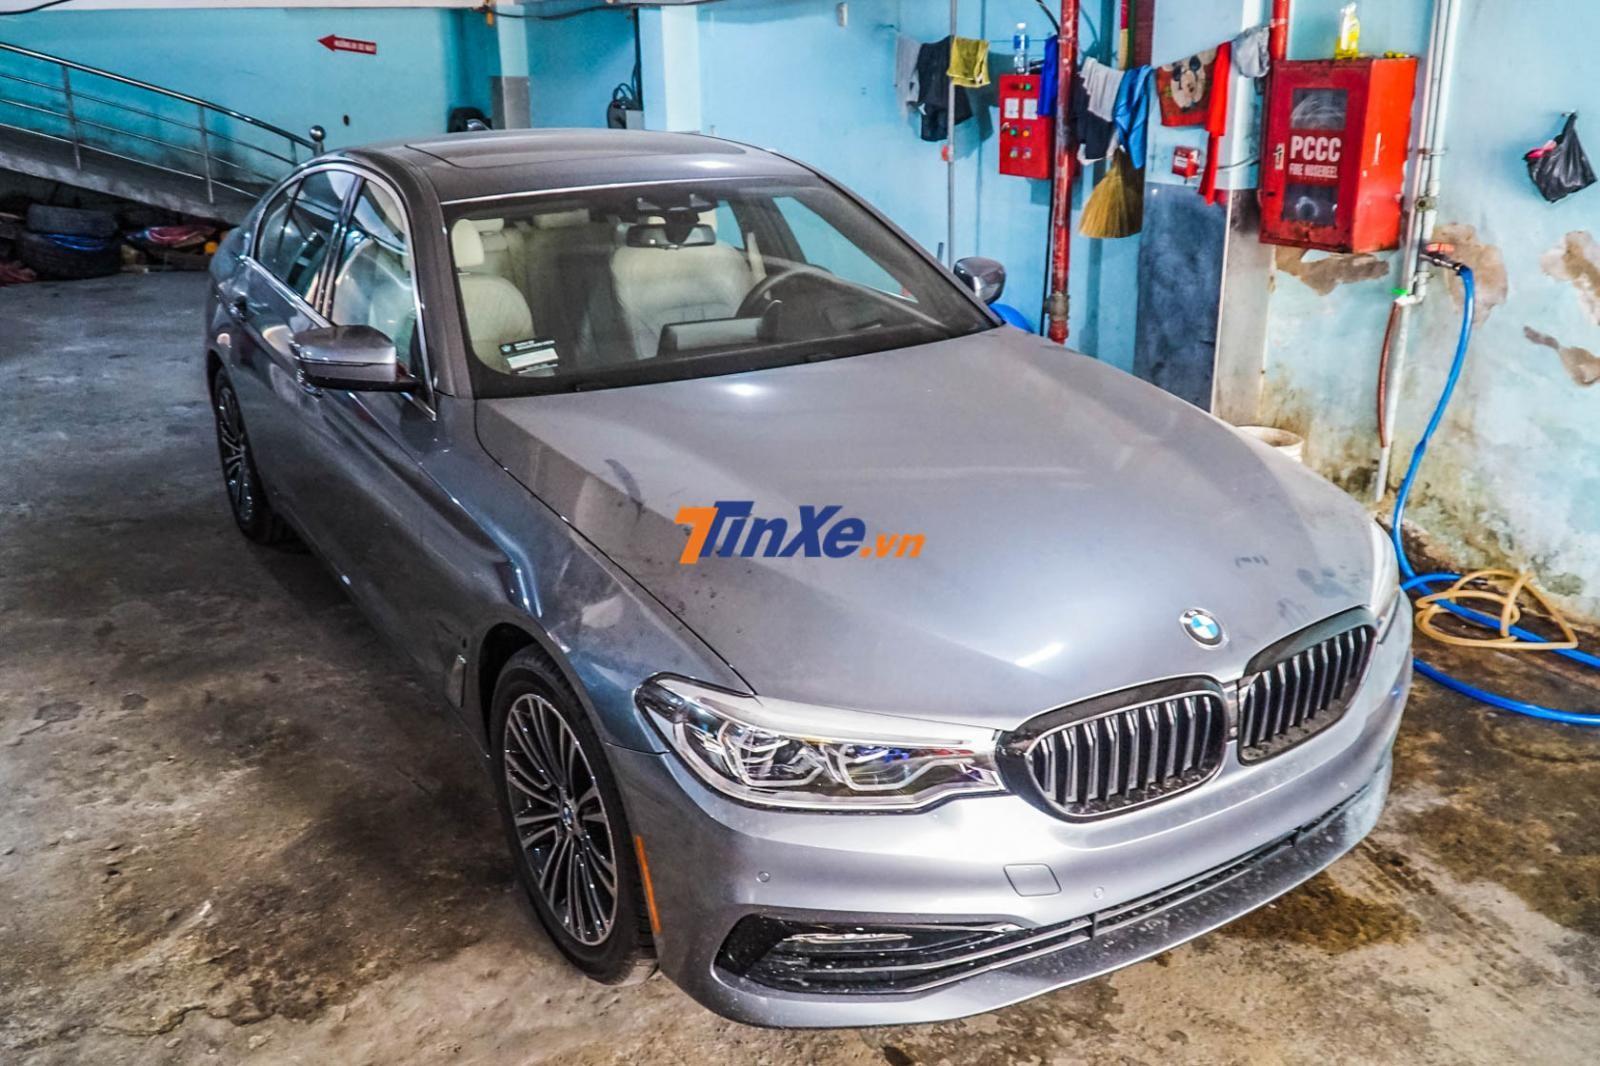 Chiếc BMW 530e 2019 độc nhất Việt Nam do một công ty nhập khẩu tư nhân đưa về nước